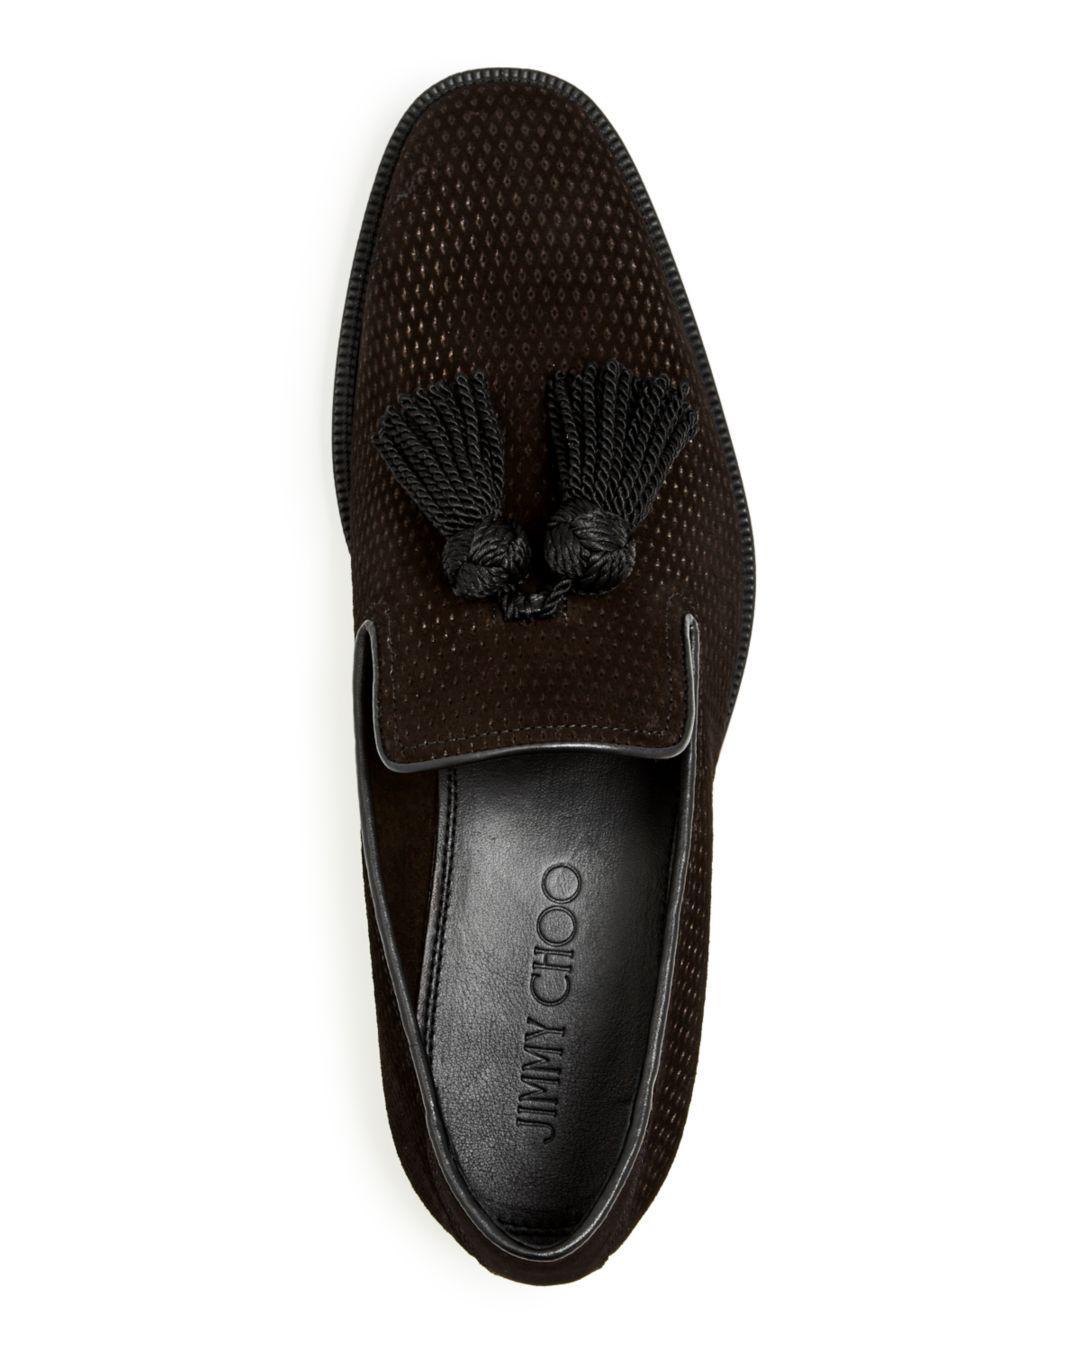 a45740beebb Jimmy Choo Men s Foxley Embossed Velvet Tassel Smoking Slippers in Black  for Men - Lyst